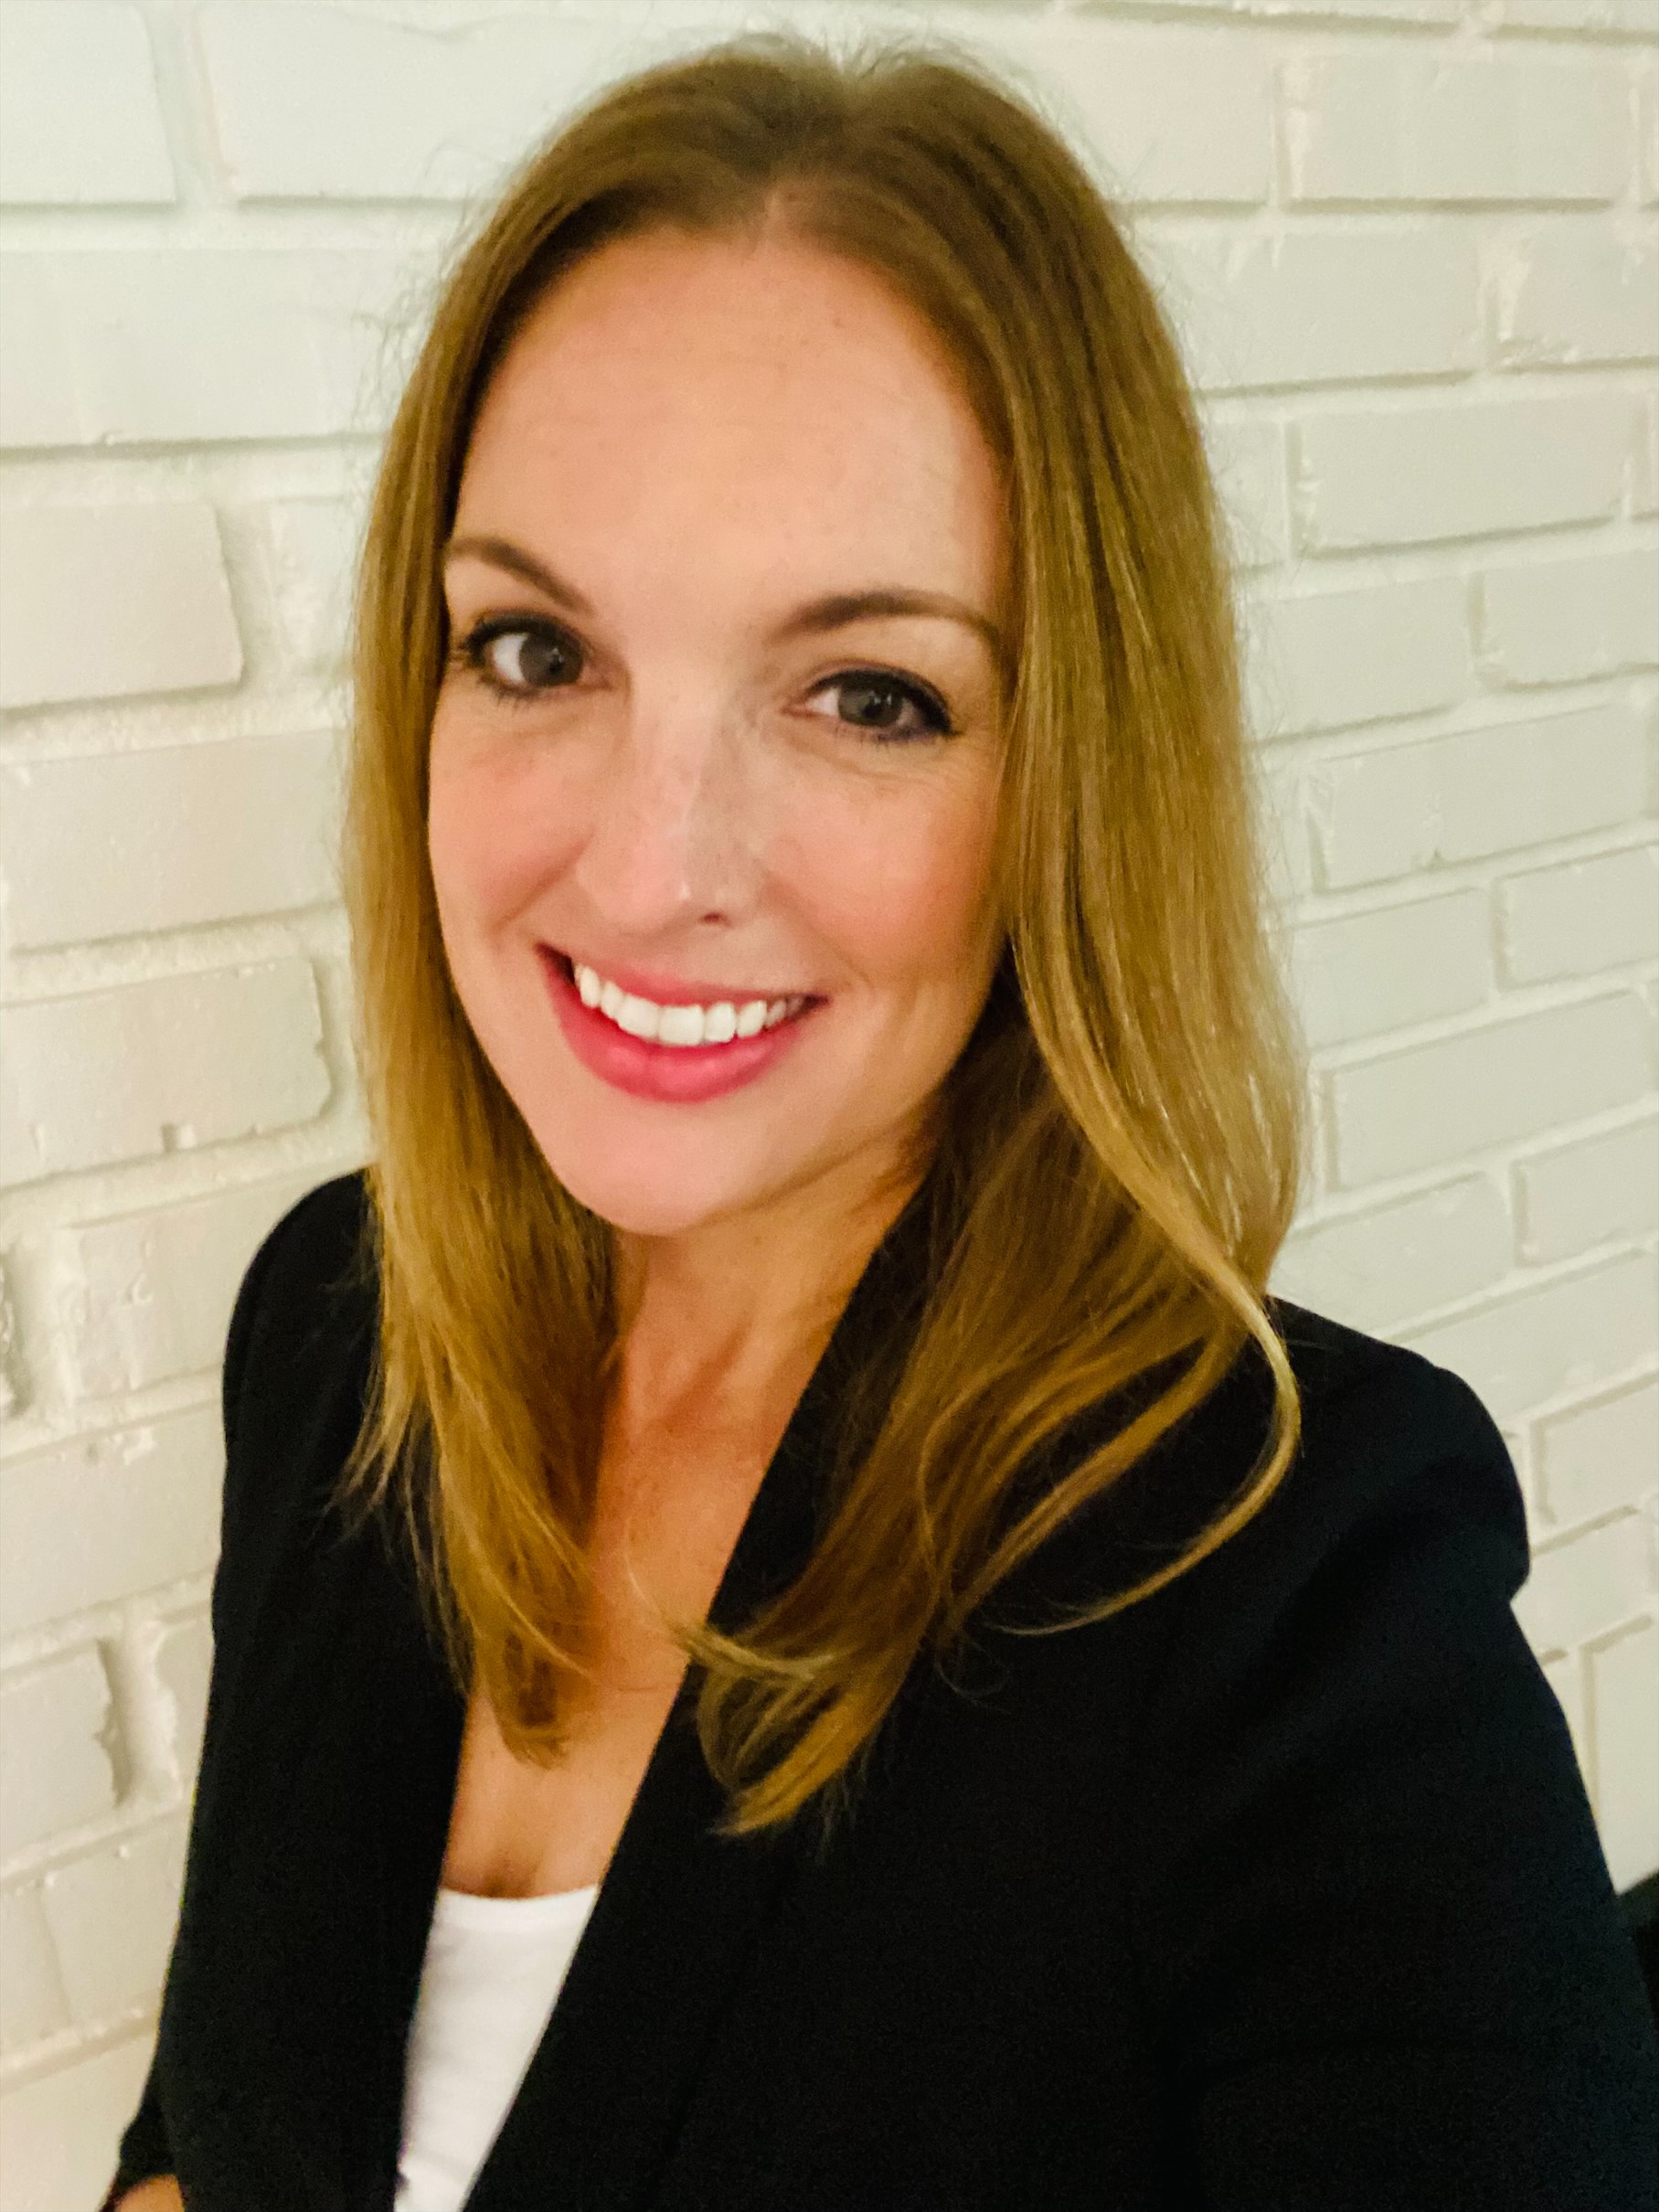 Portrait of Lauren Svoboda